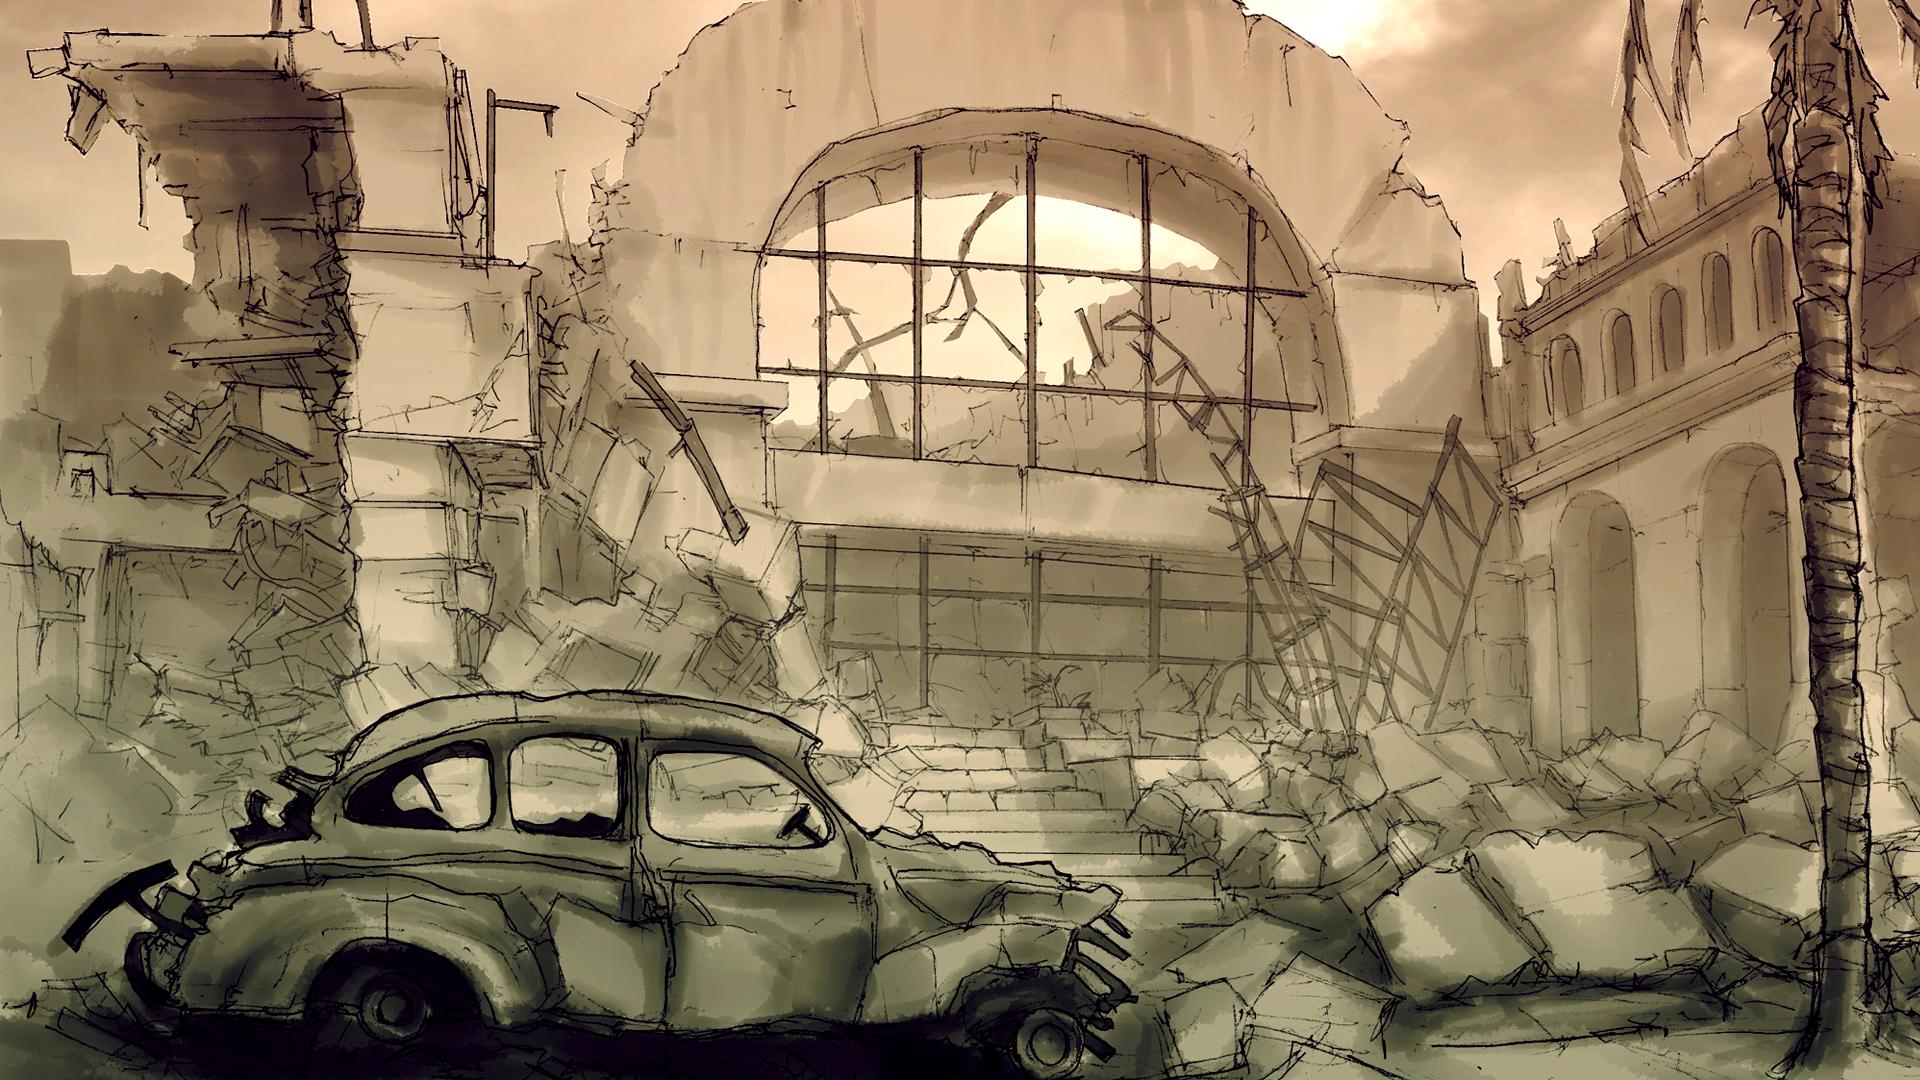 Highlander_WW2_Manila_Station_Sketch